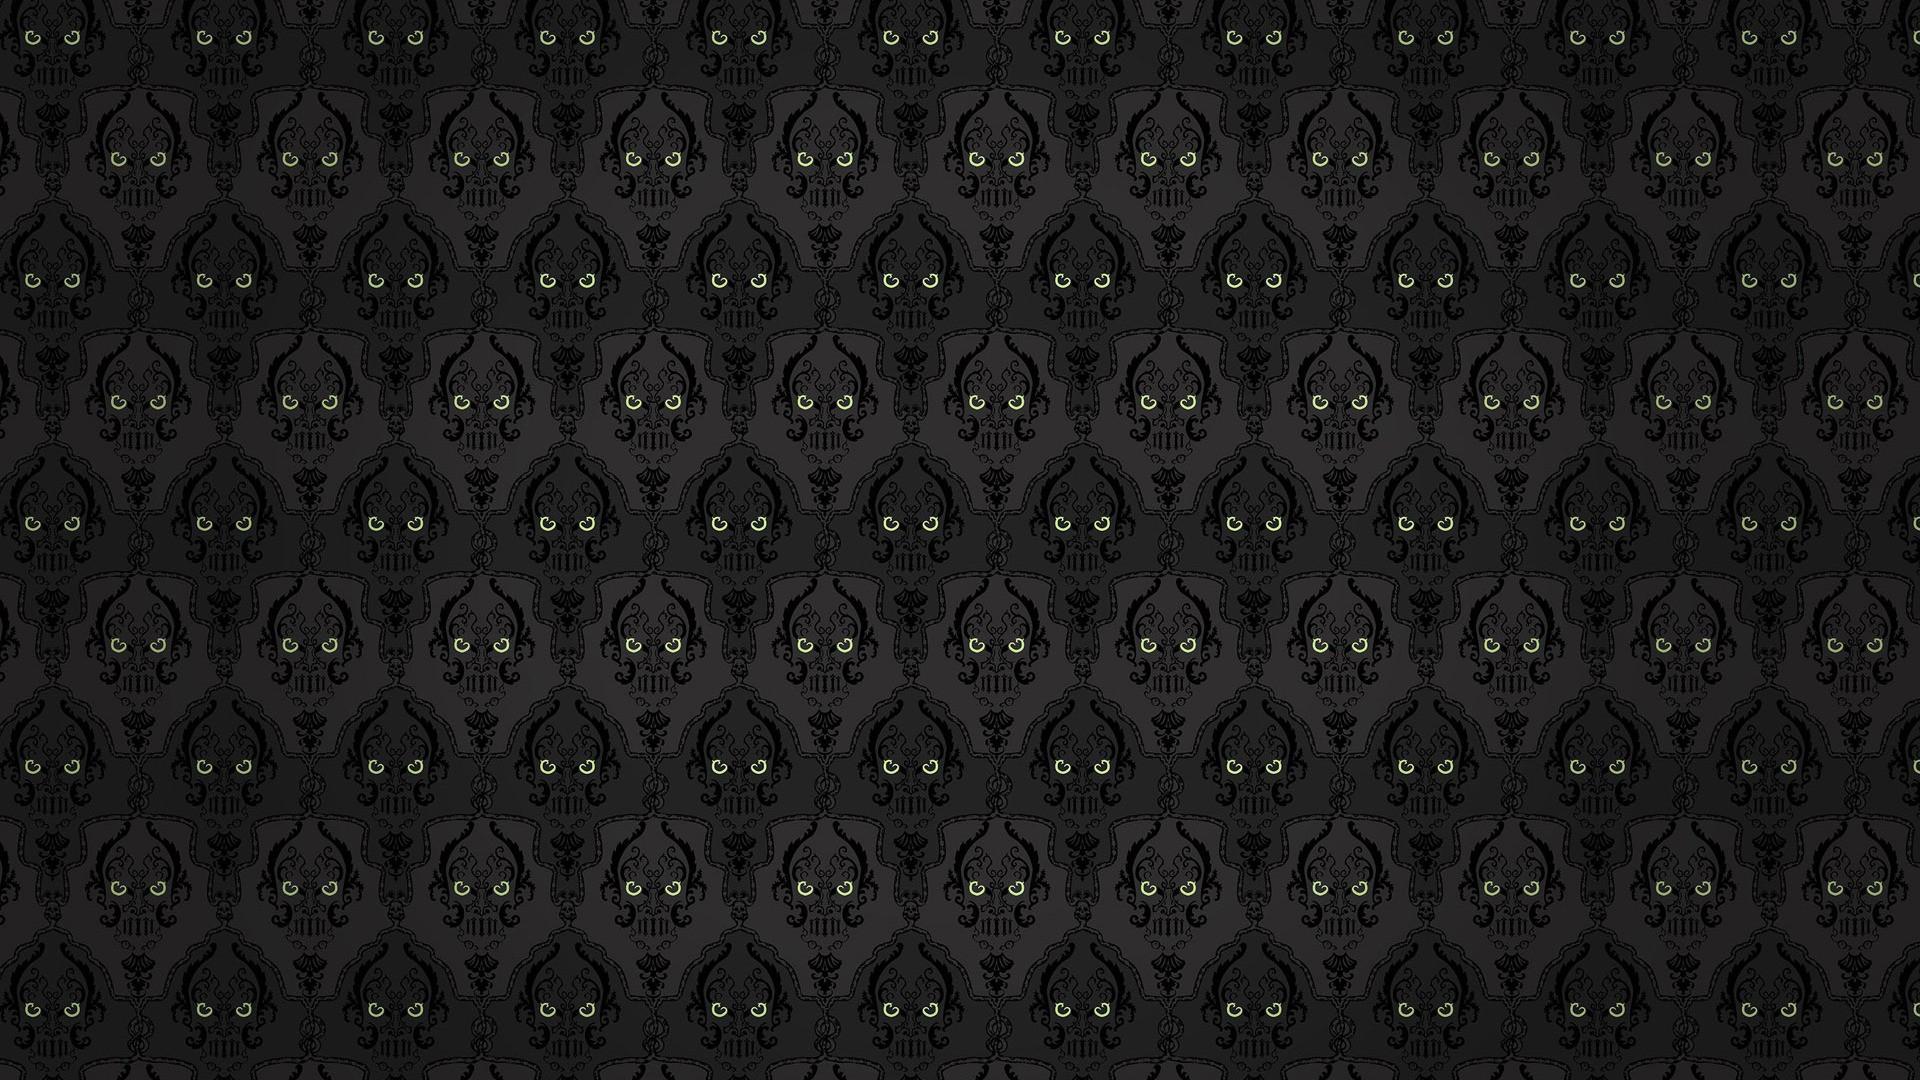 Skull pattern - Abstract art wallpaper